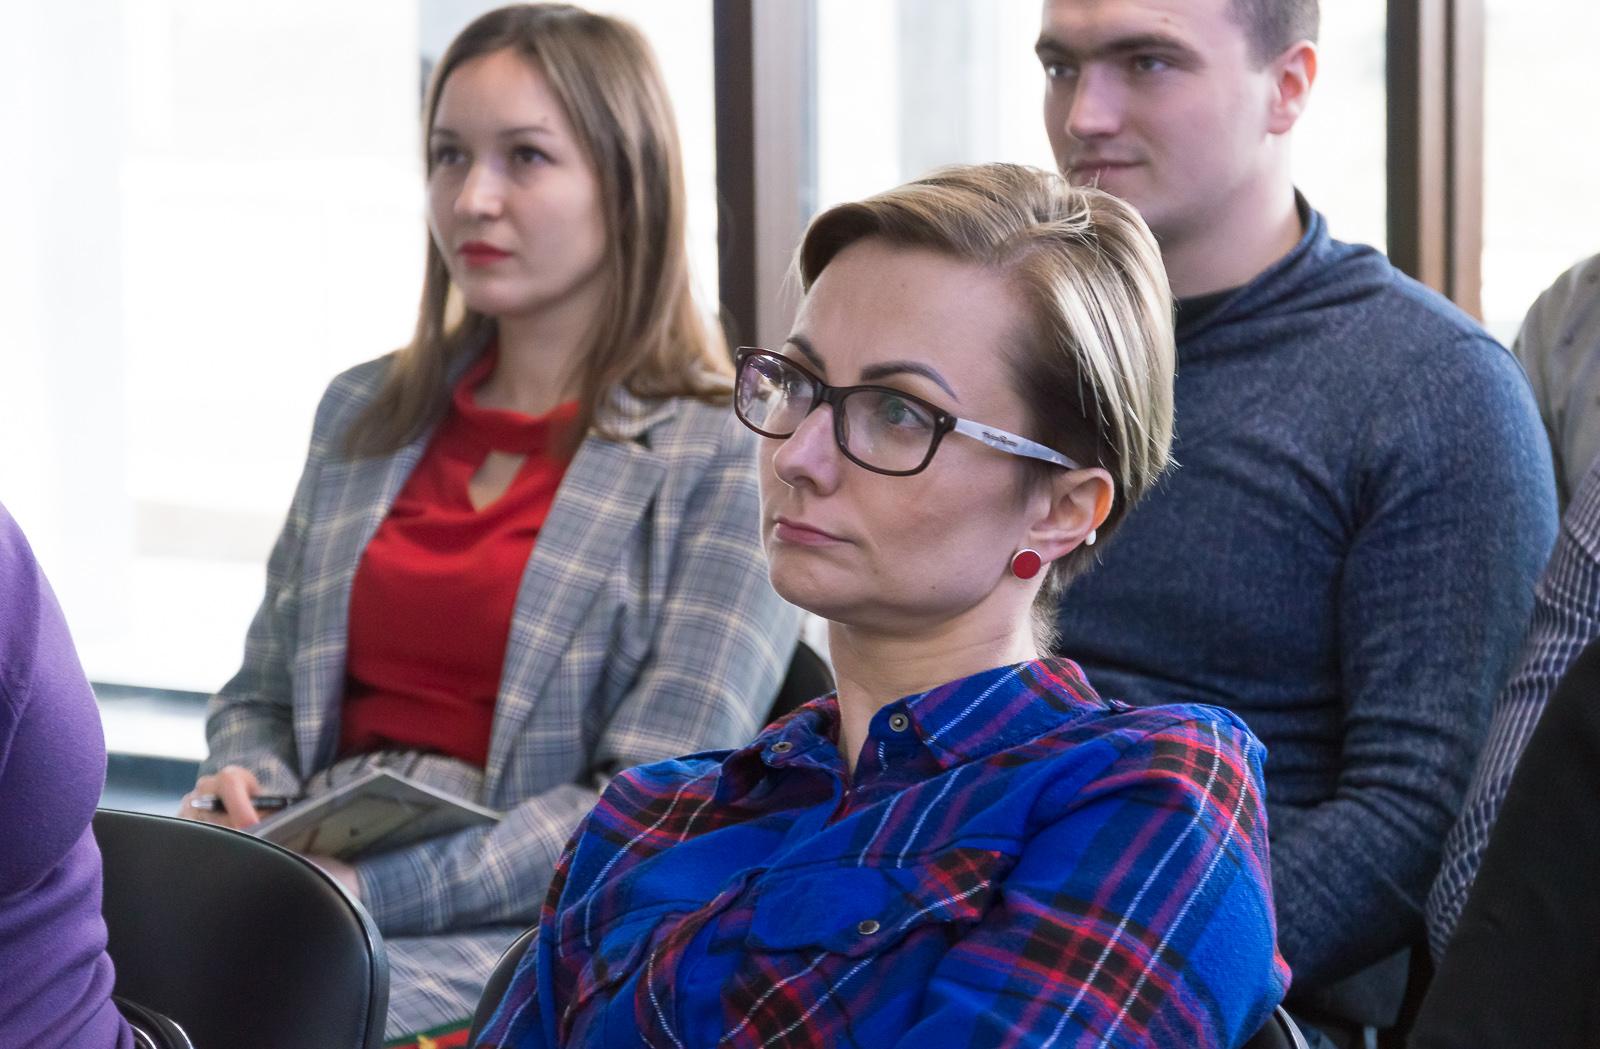 """Лекцию """"Финансовые рынки и основы биржевых технологий"""" в Черновцах посетили студенты и преподаватели МАУП - 8 фото"""